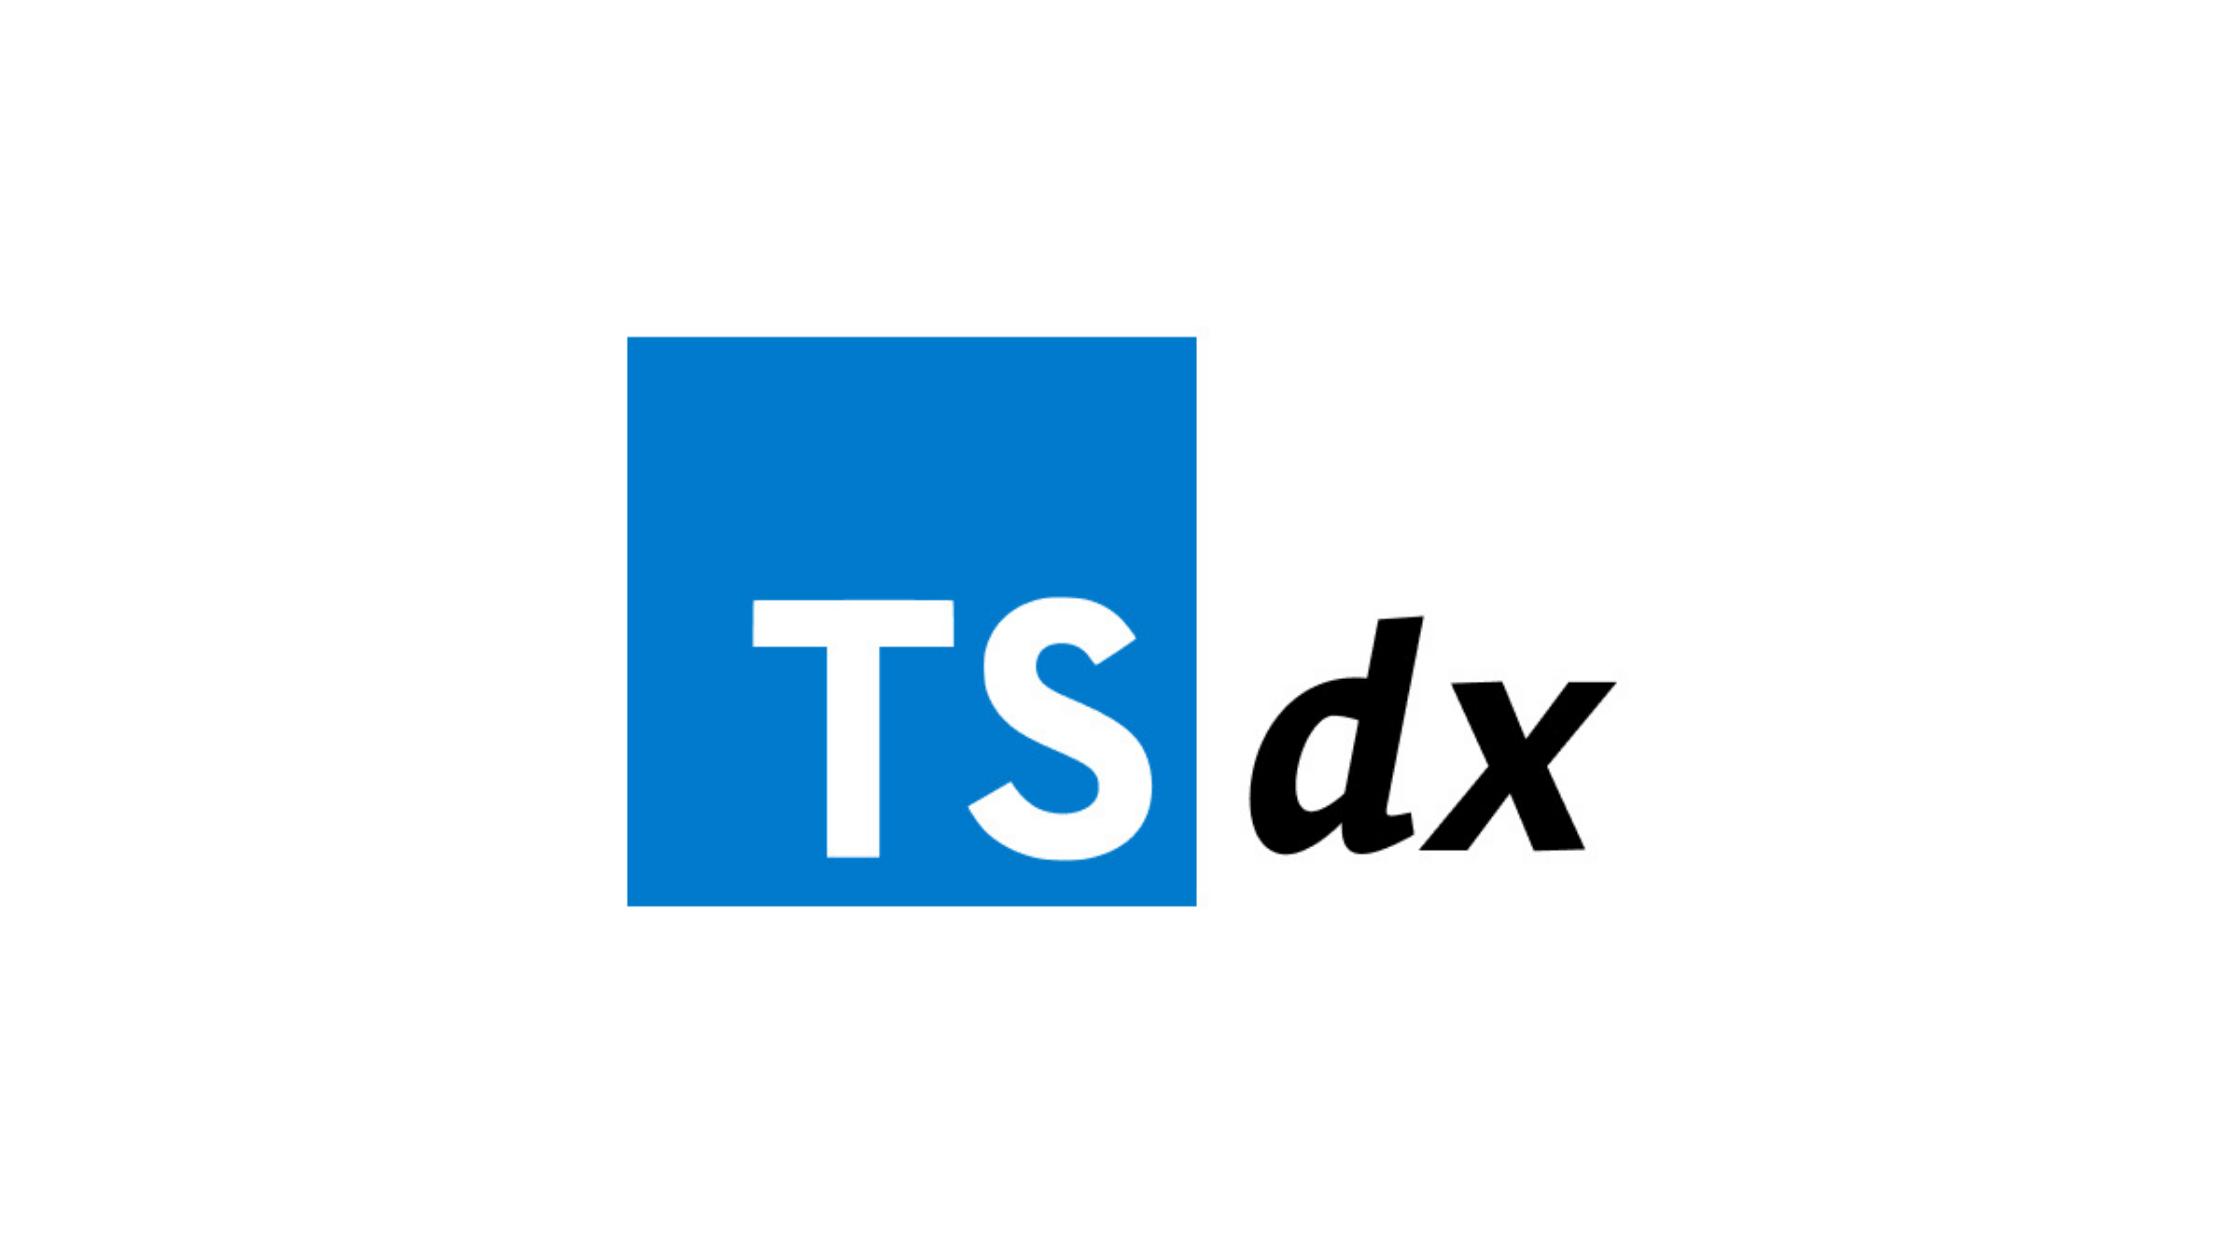 JavaScript build tools